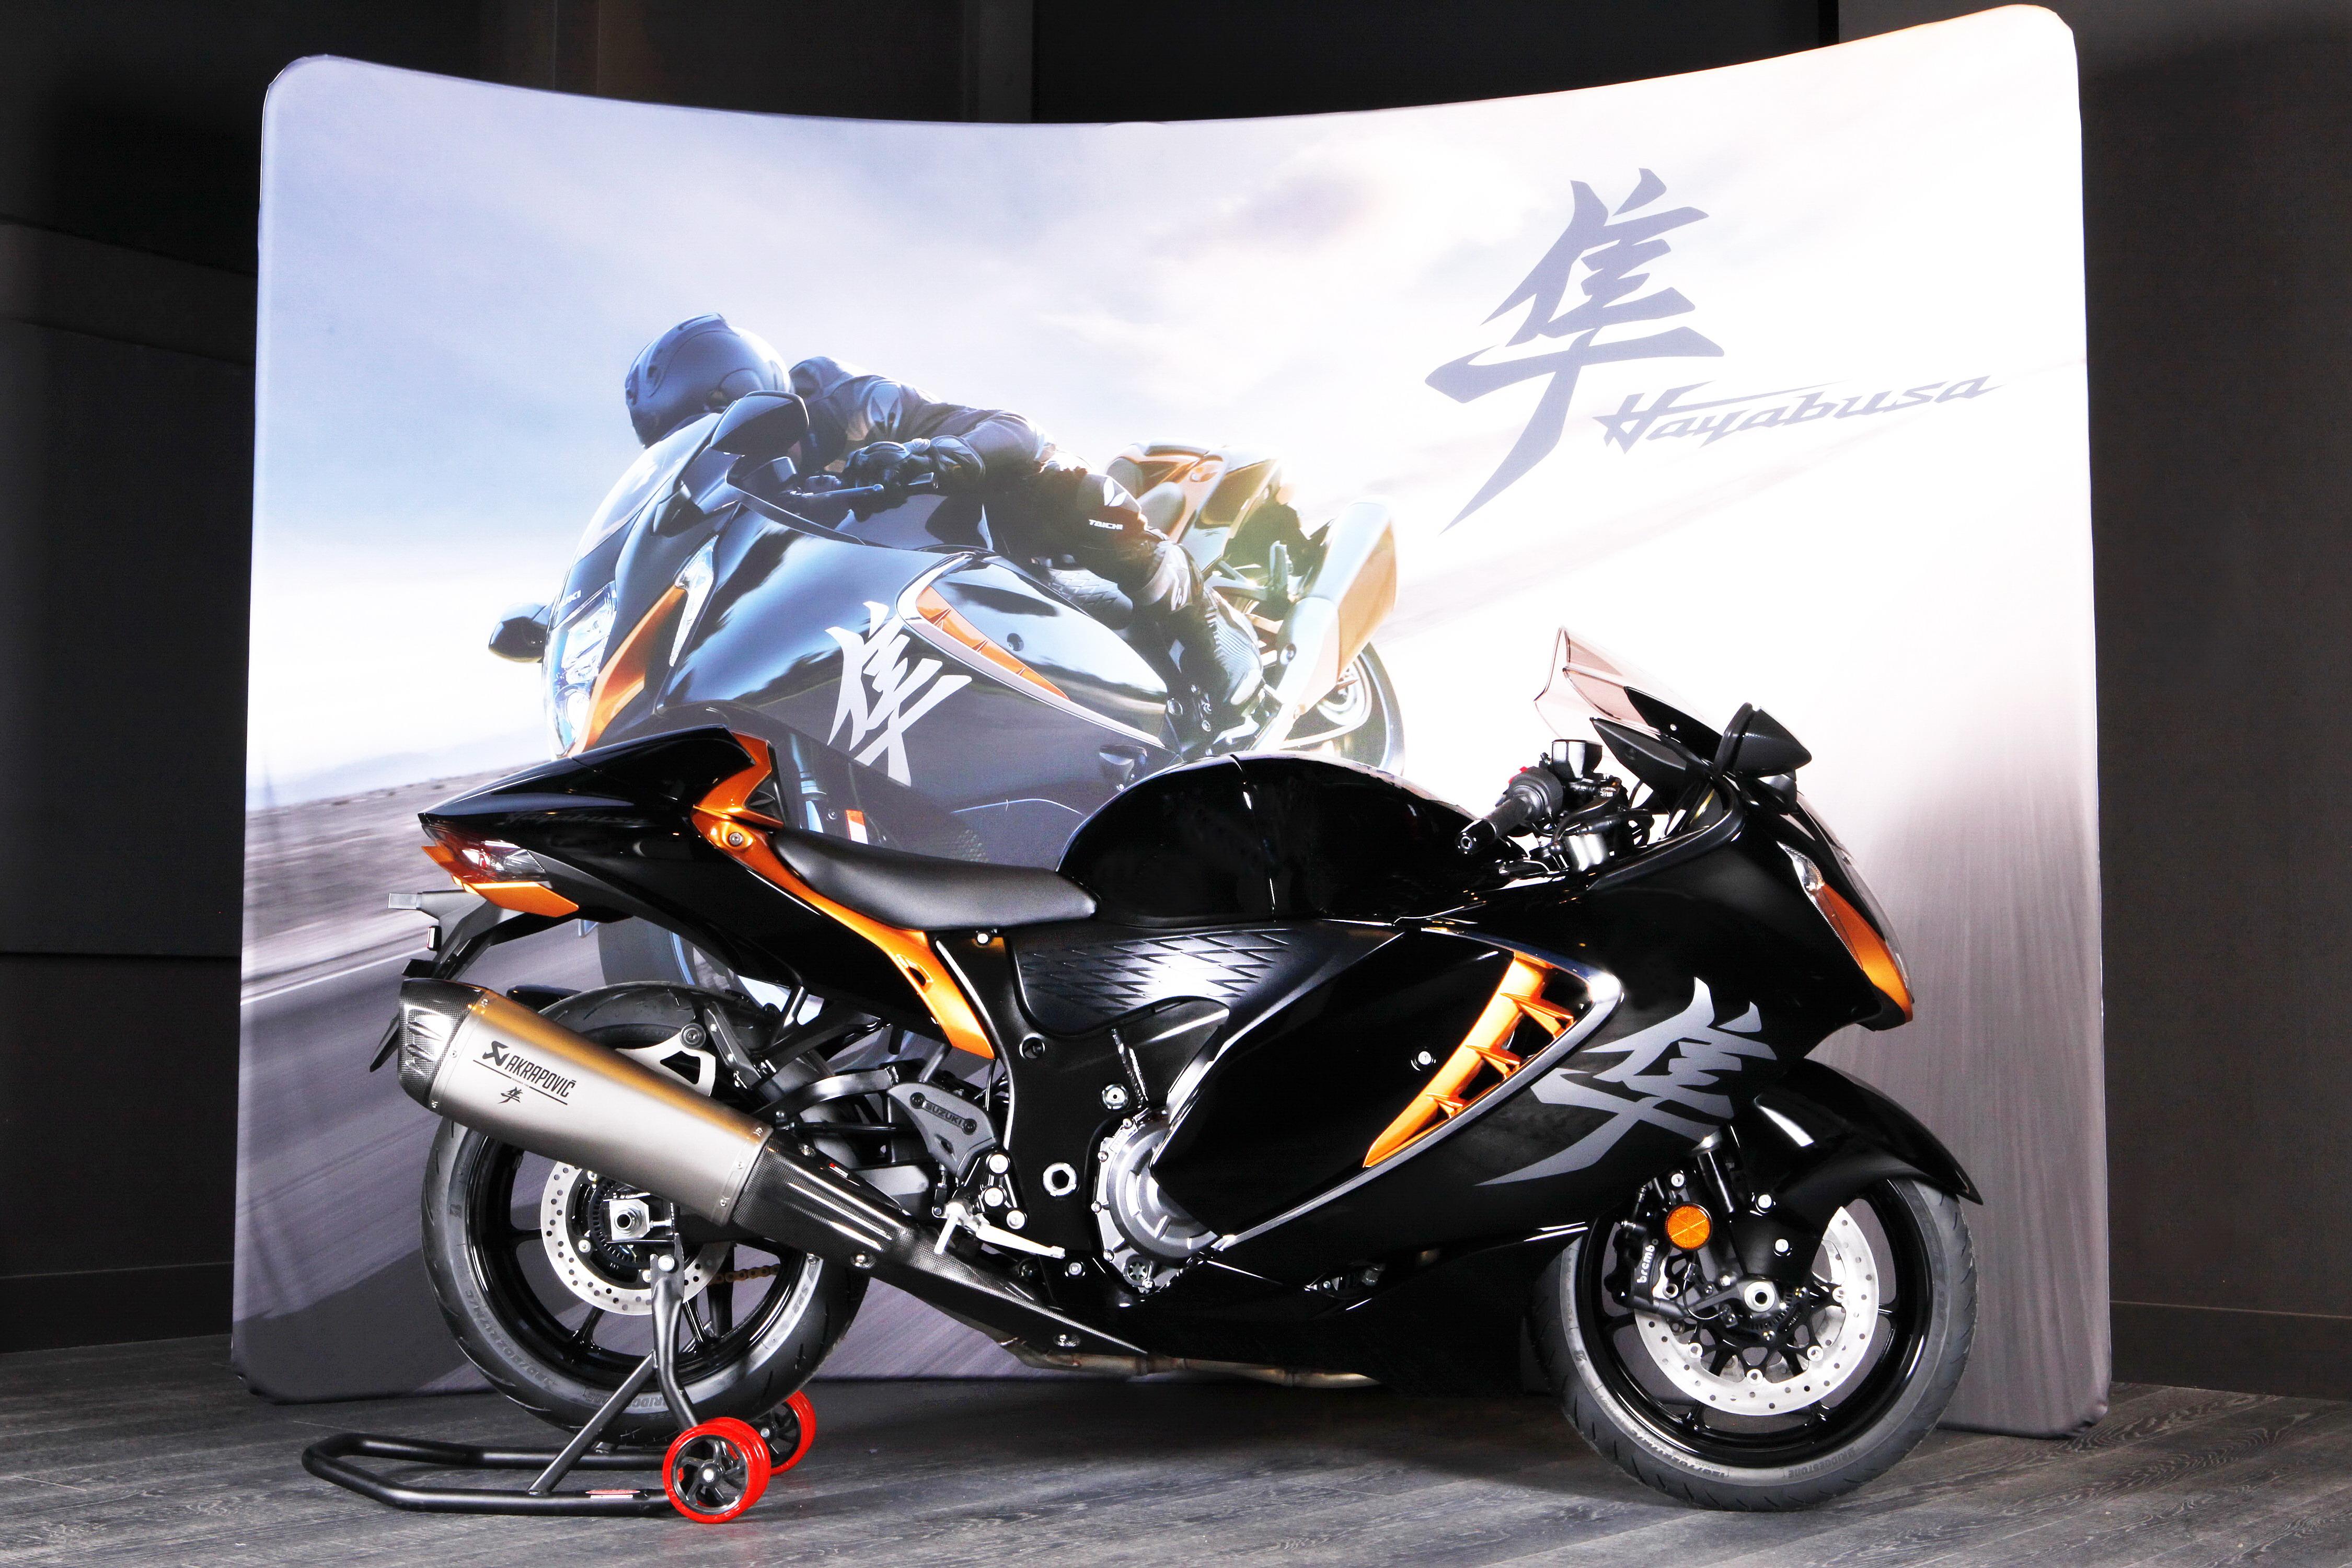 �木 SuzukiHayabusa 隼GSX1300RSuzuki 2021 GSX1300R 隼 Web 限量版